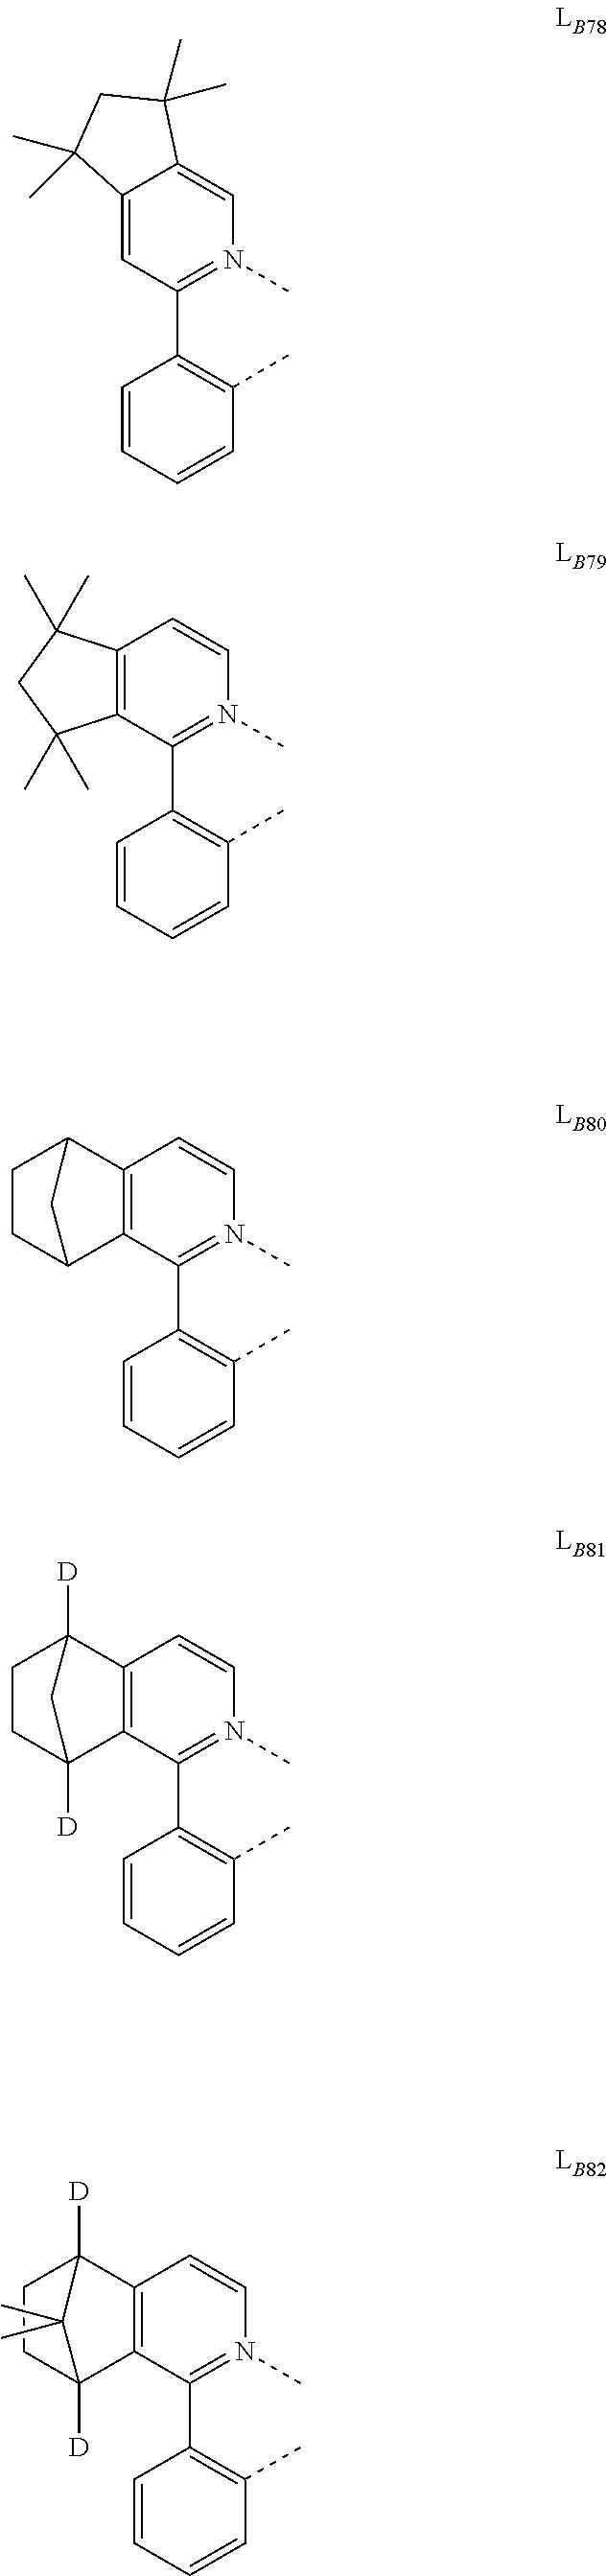 Figure US09929360-20180327-C00052